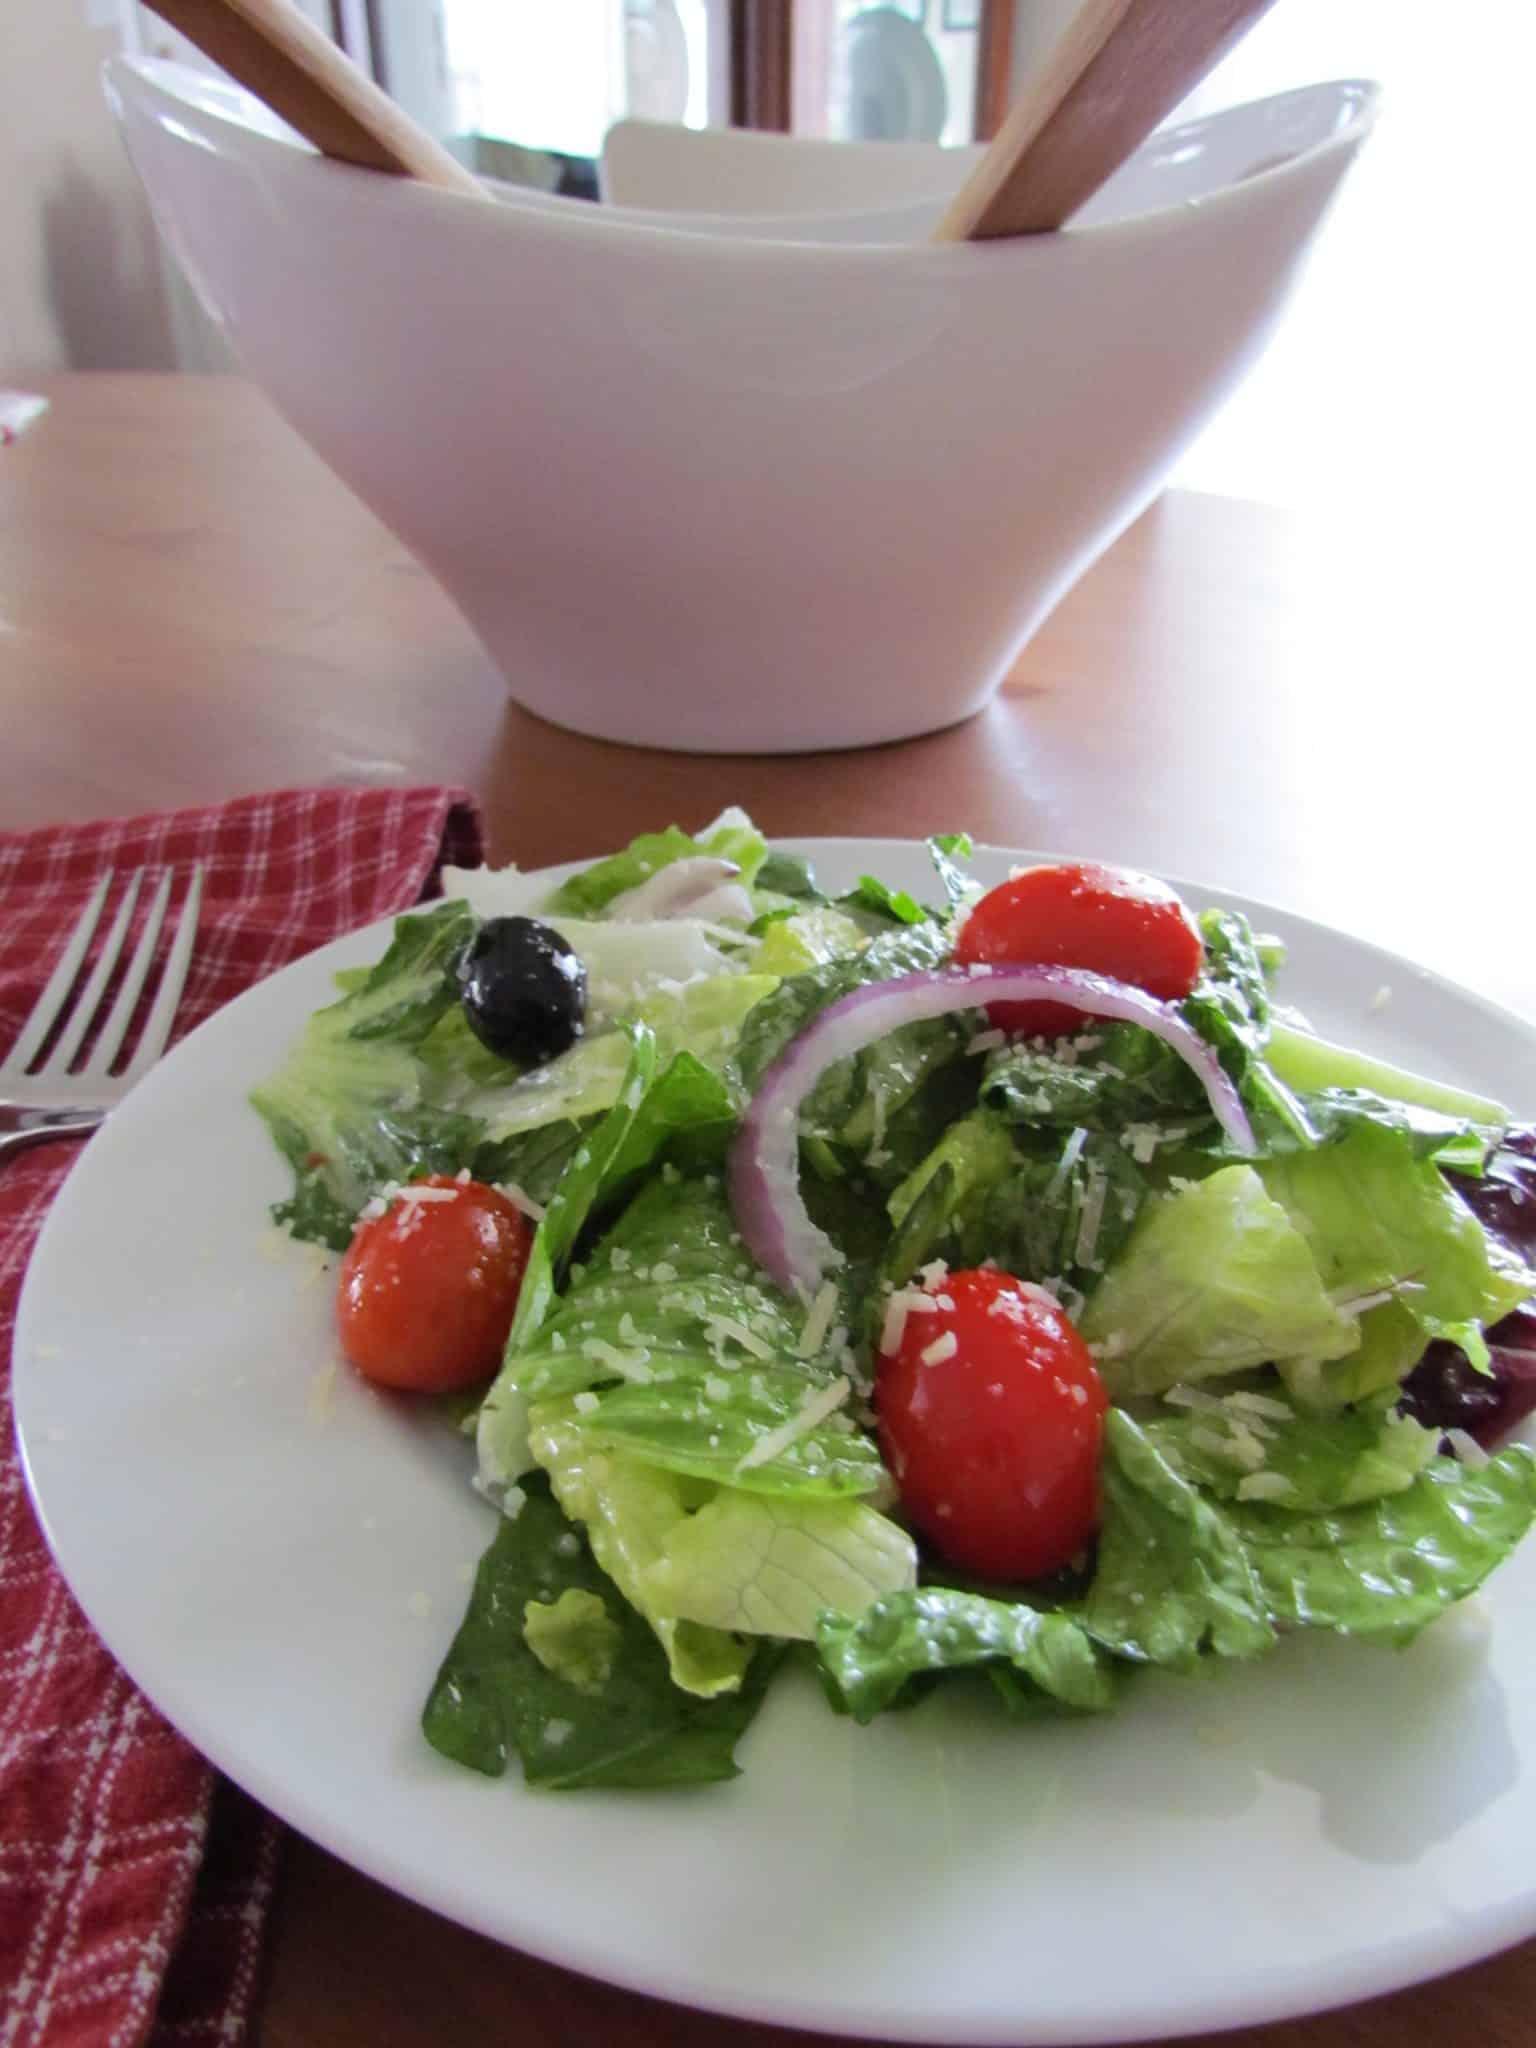 olive garden salad dressing - Olive Garden Salad